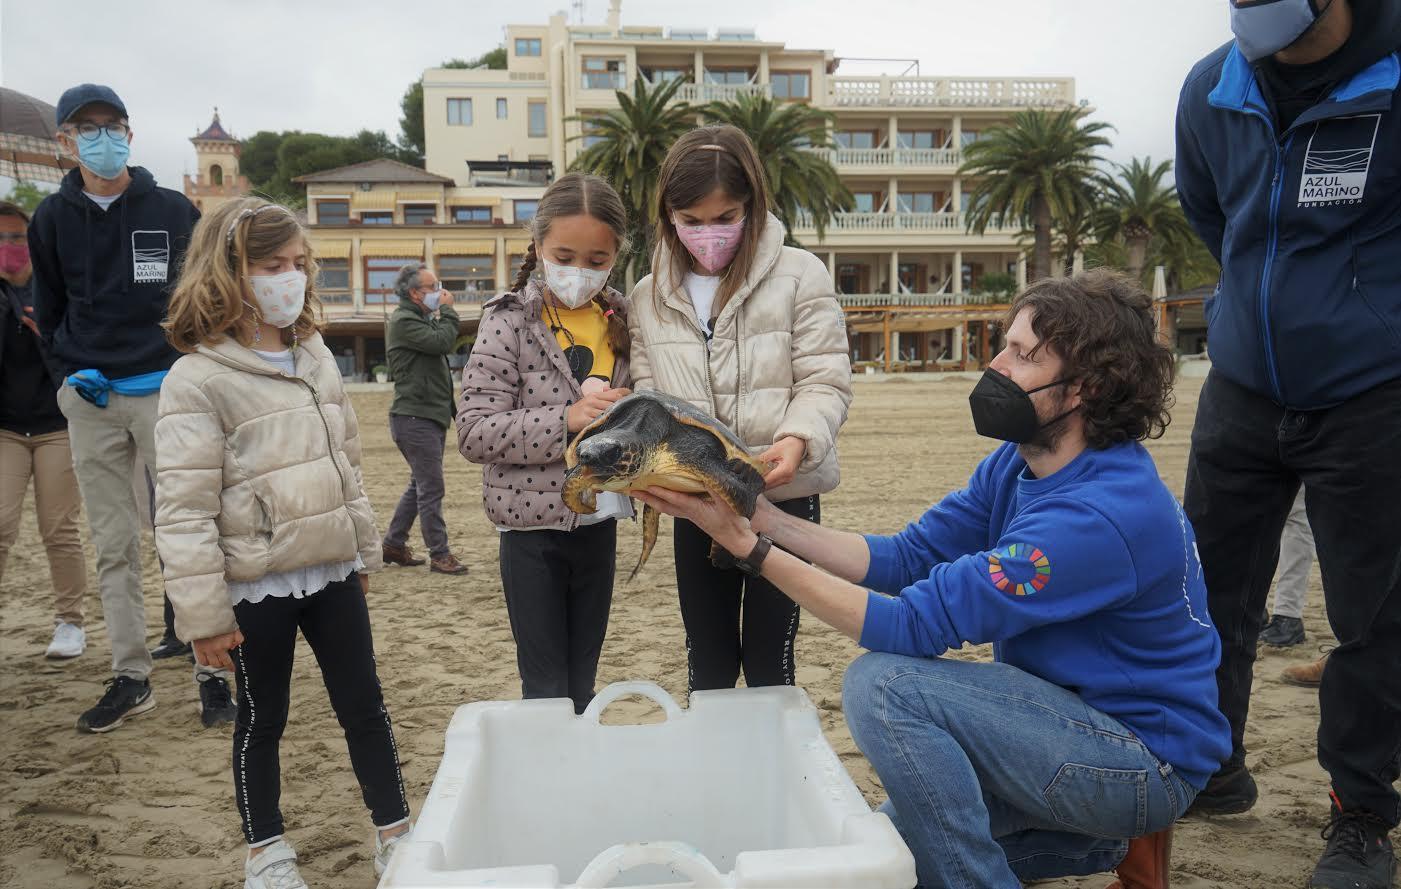 Los asistentes aprendieron sobre los quelonios antes de su suelta. Imagen: Oceanogràfic